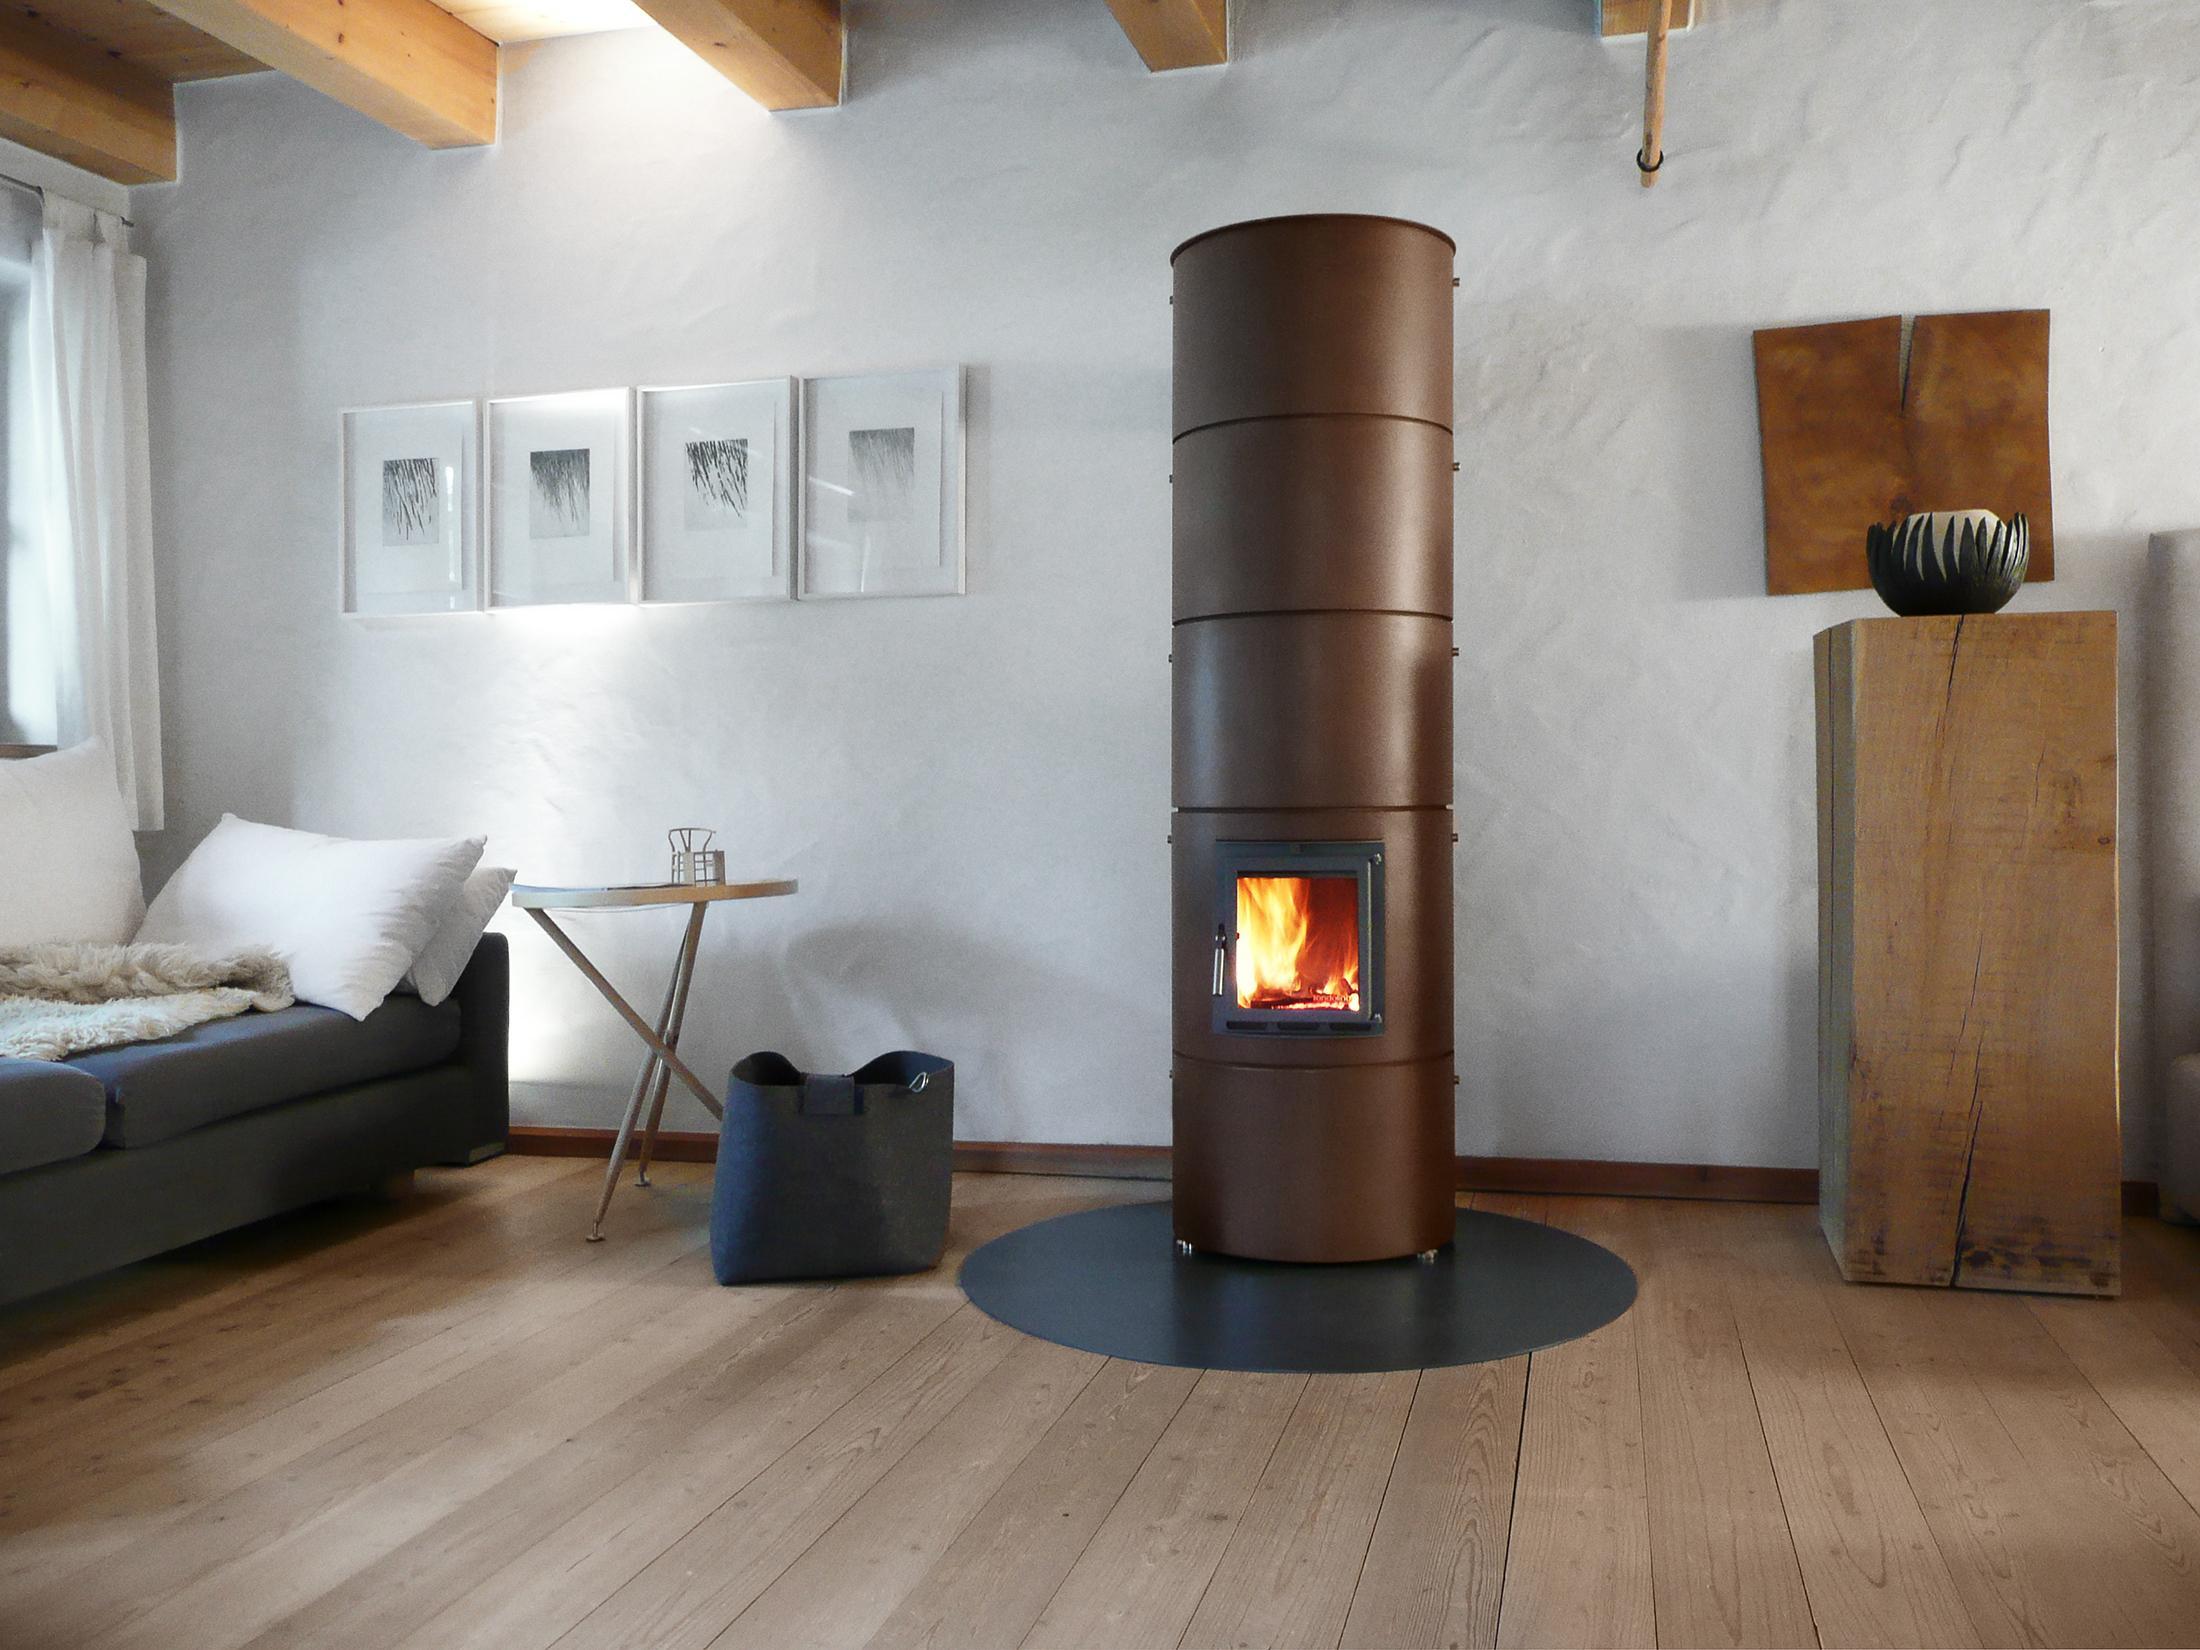 beautiful gemutliches zuhause dielenboden gallery - ideas & design ... - Gemutliches Zuhause Dielenboden